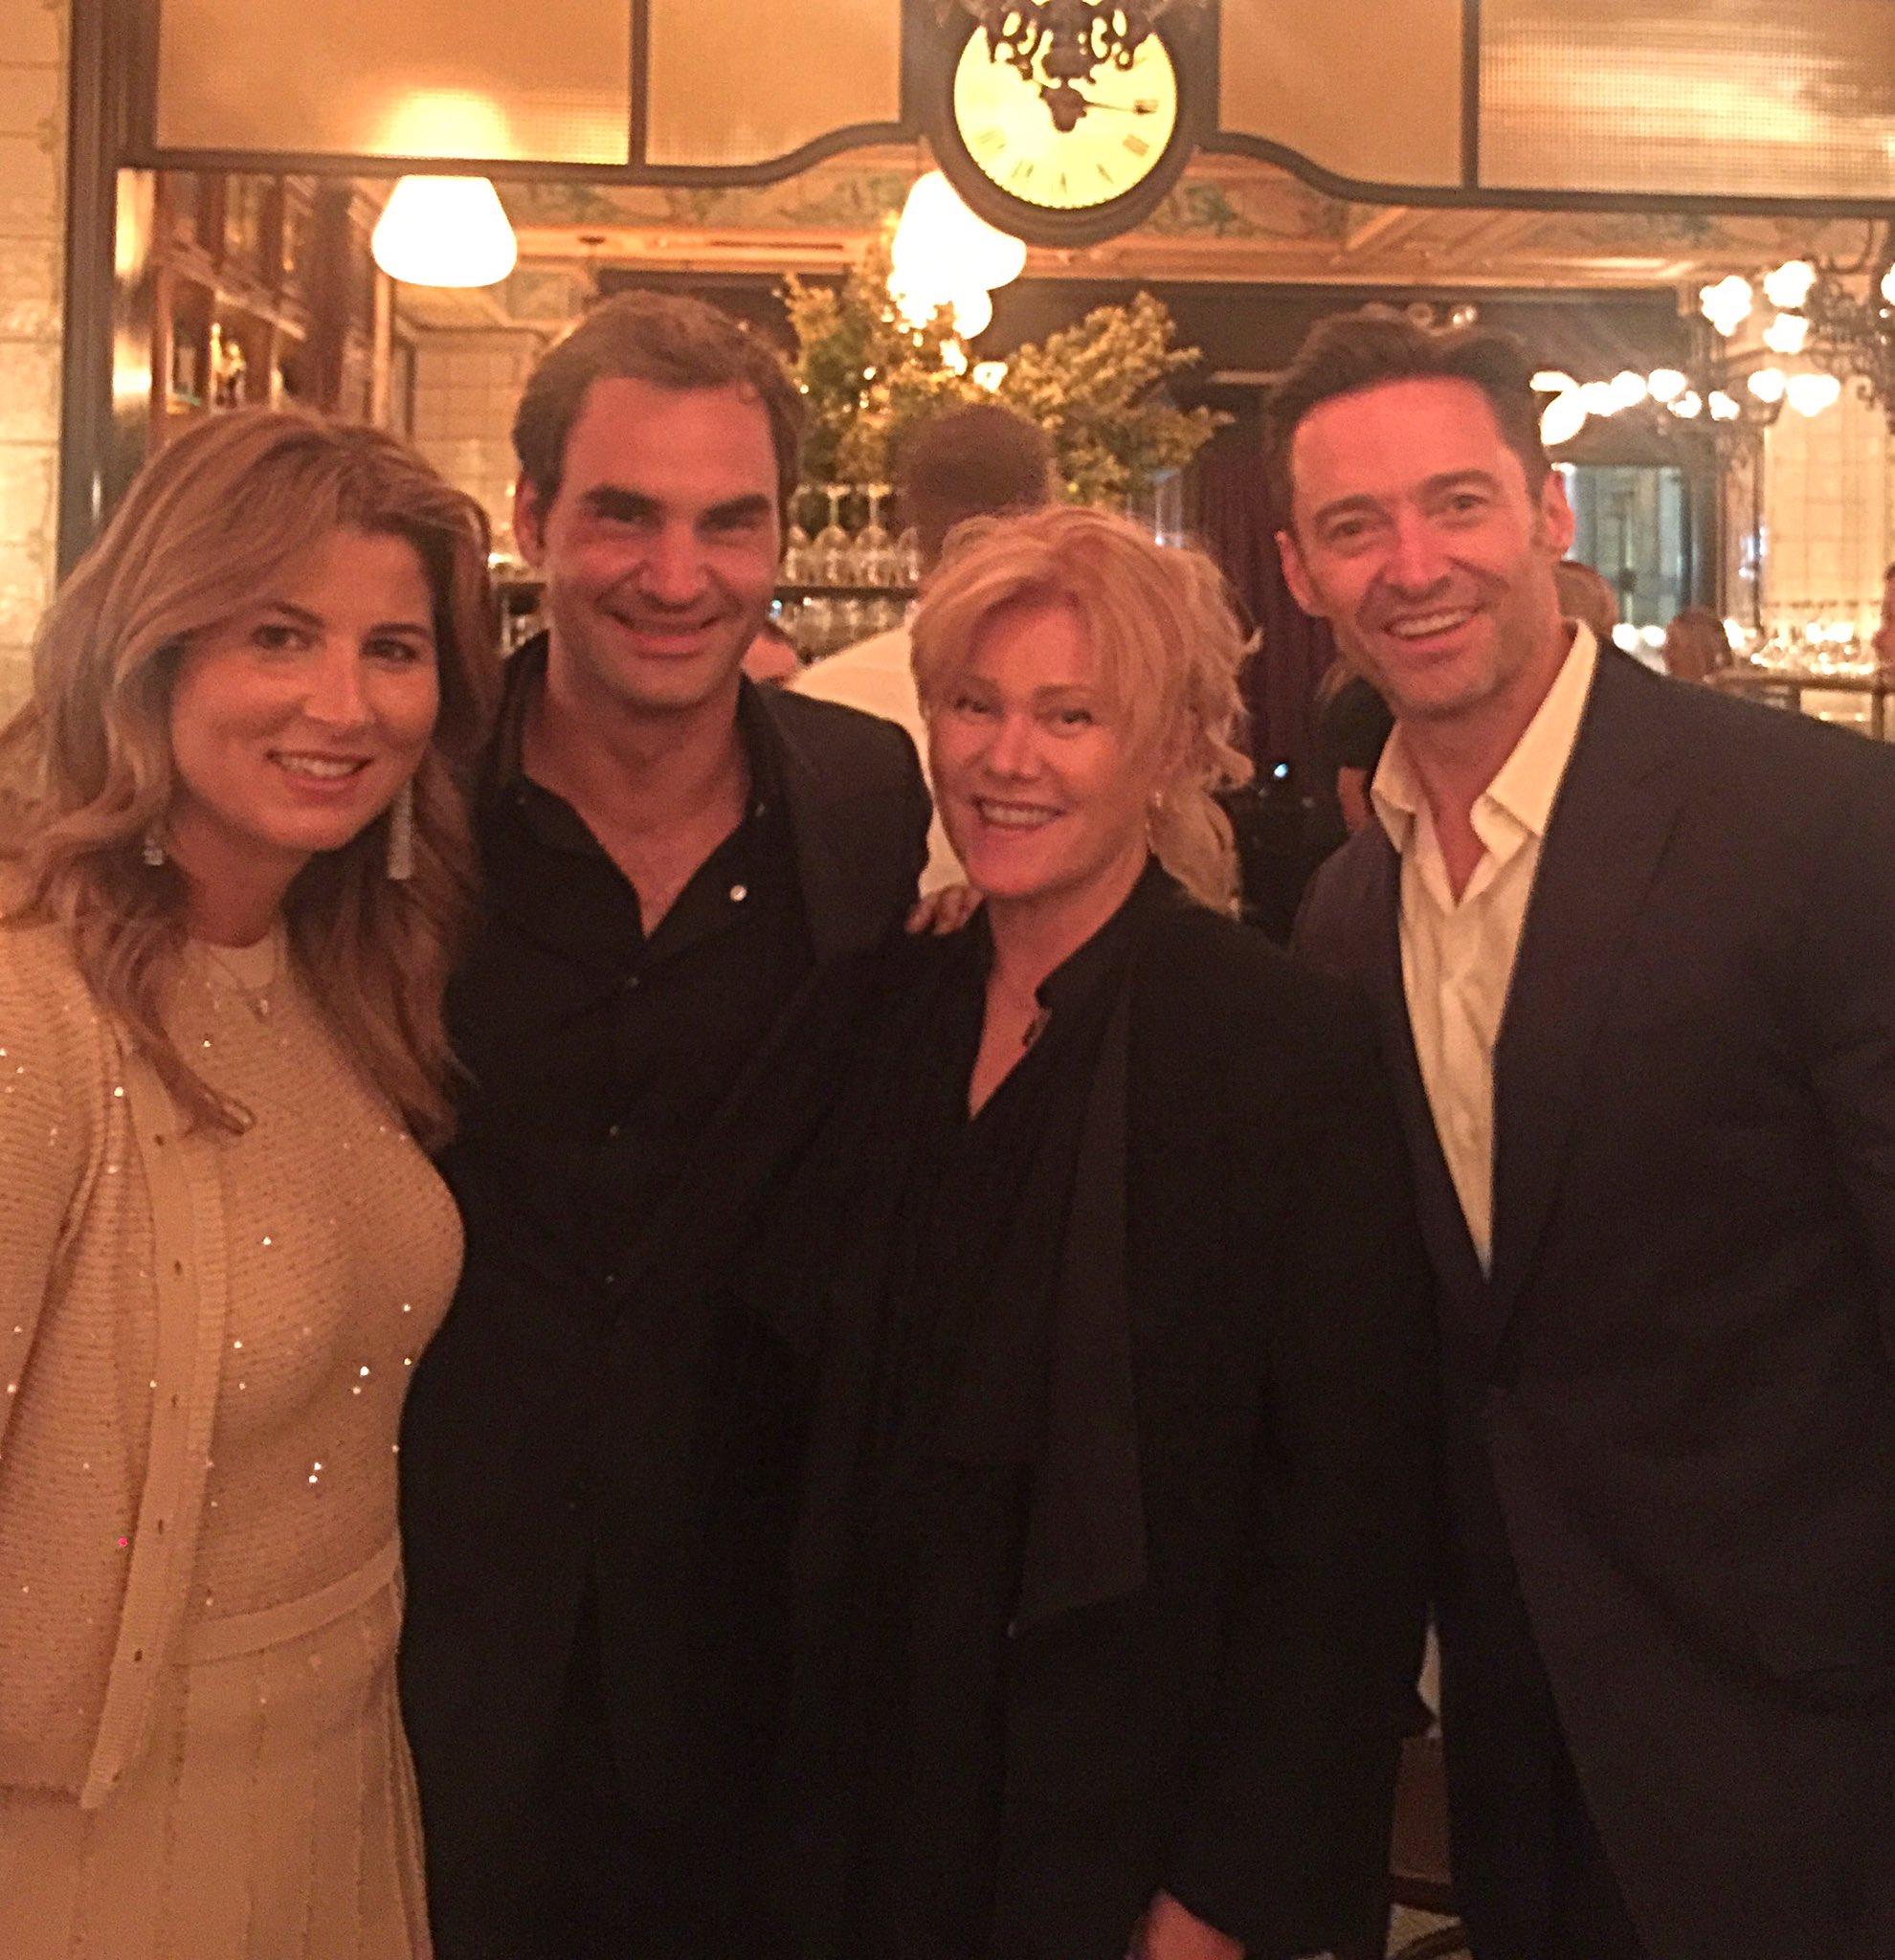 Awesome night celebrating @rogerfederer ! @Deborra_lee https://t.co/BnkdA9Gxov